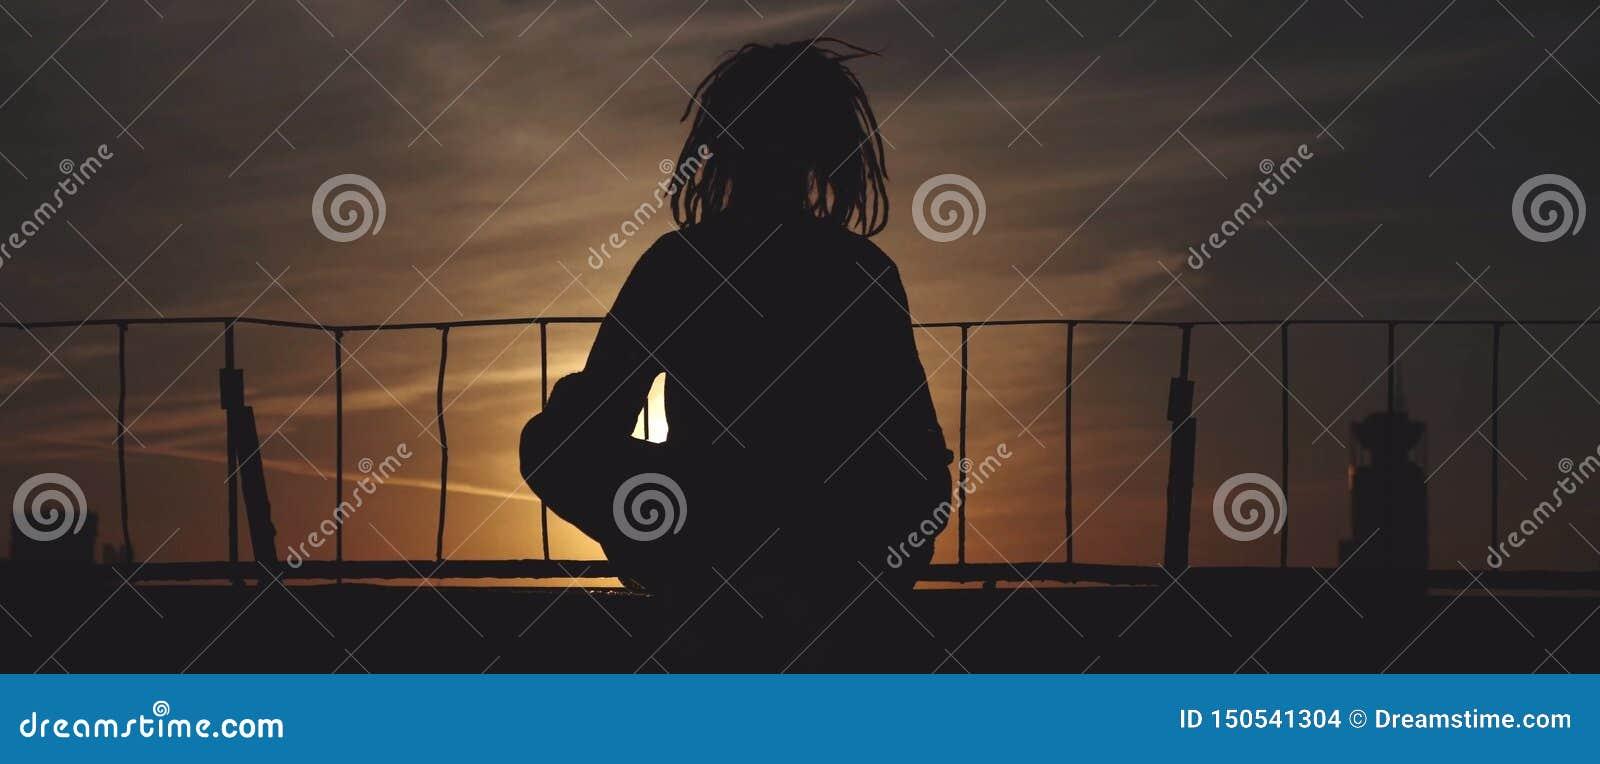 Σκιαγραφία της γυναίκας στη γέφυρα